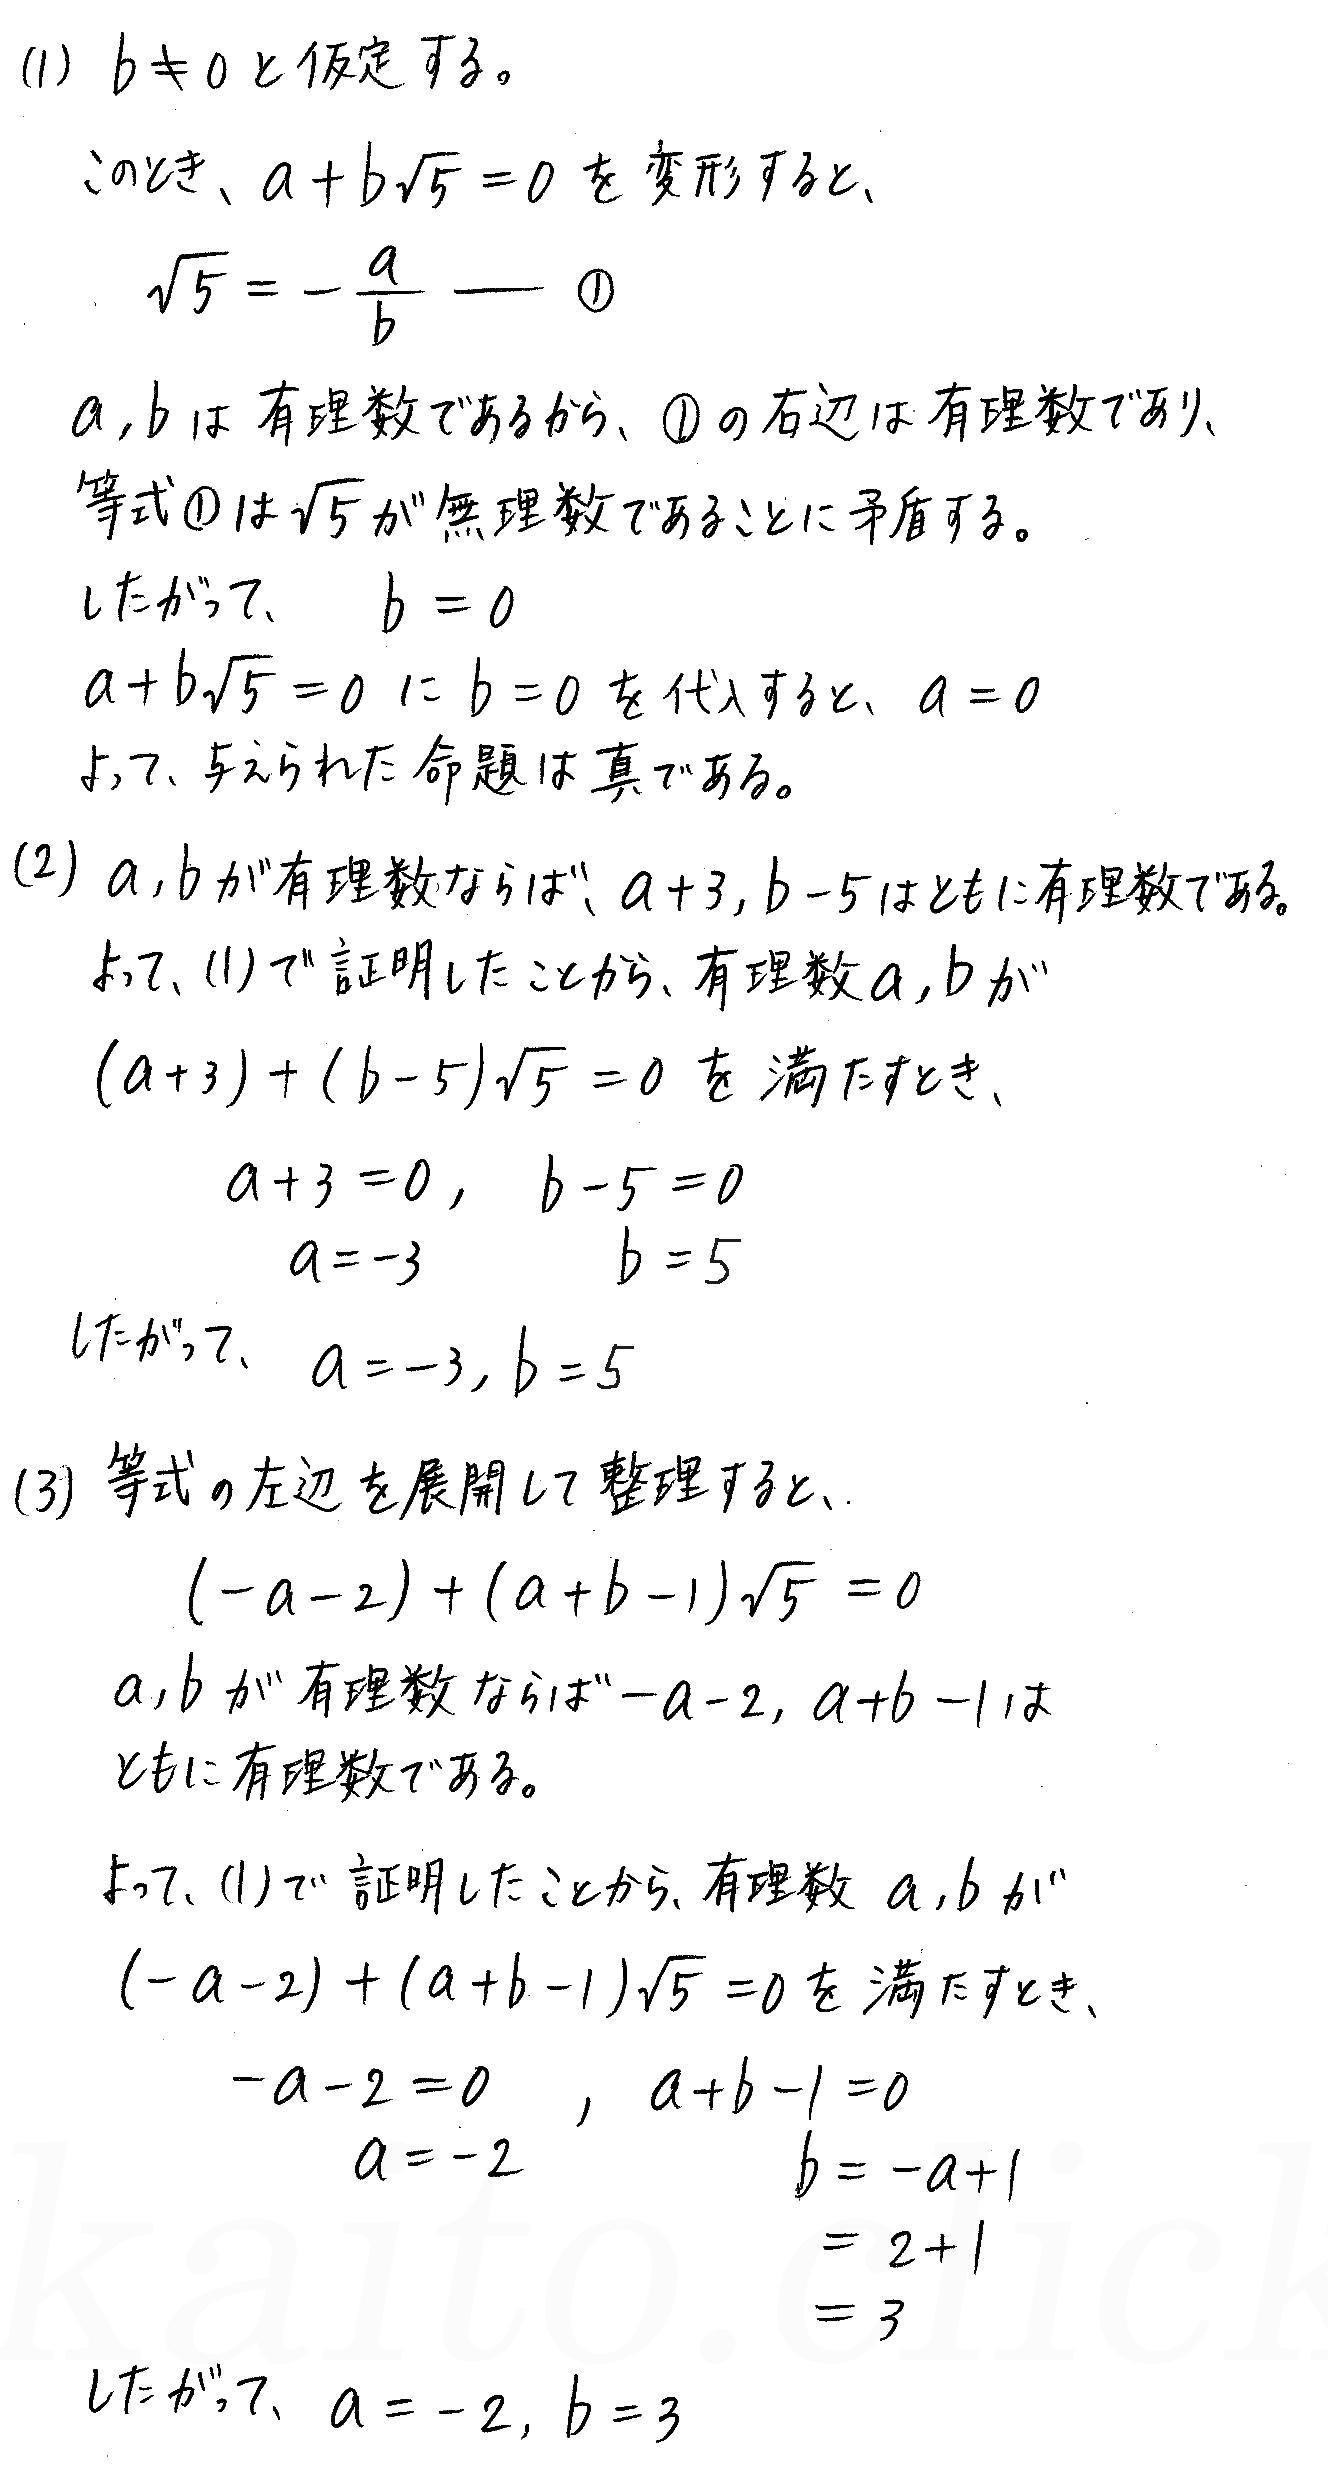 クリアー数学1-134解答